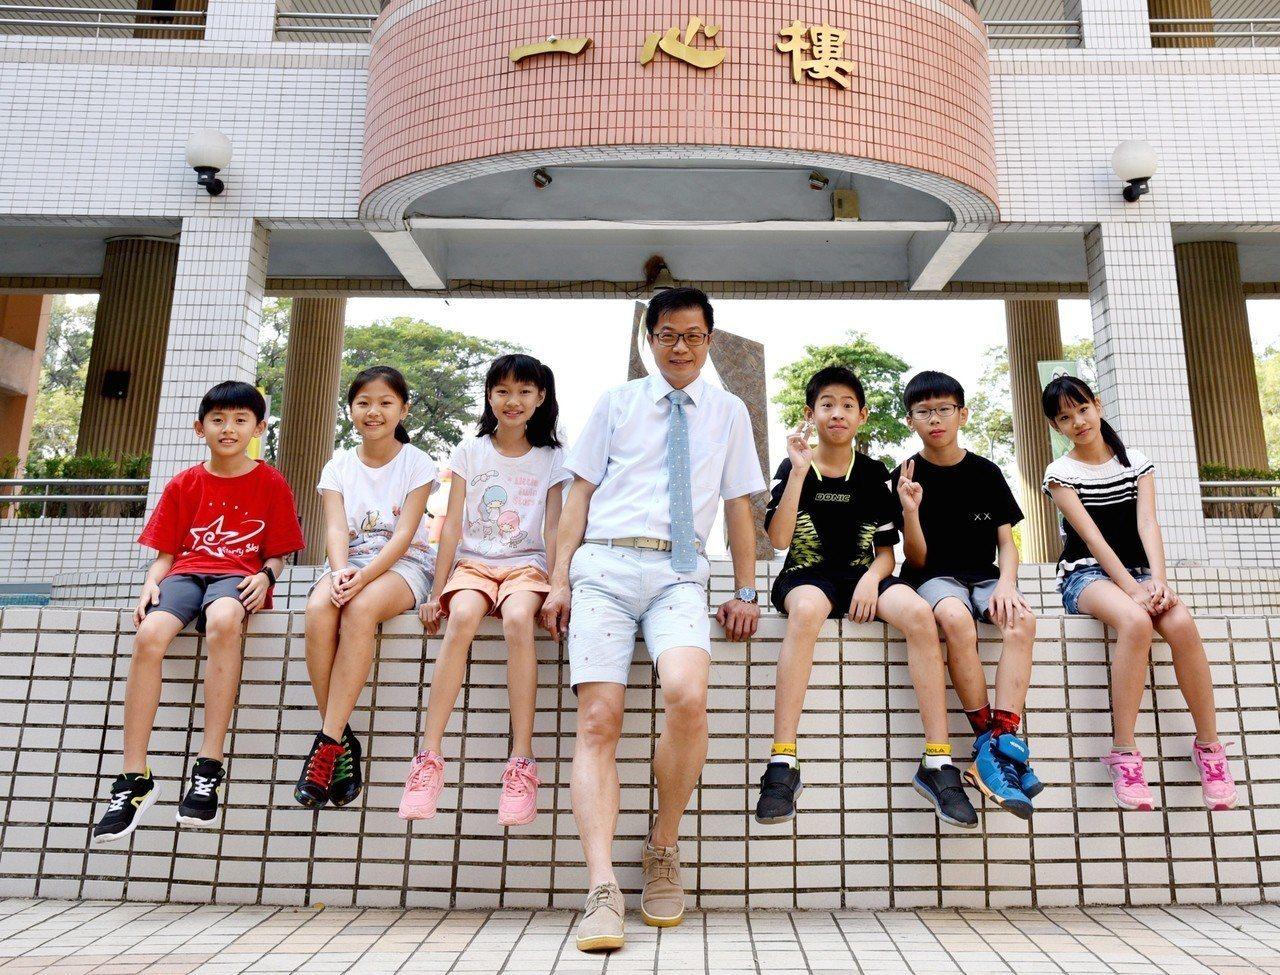 高雄市新上國小校長王彥嵓穿著短褲短袖上班,小朋友覺得校長跟自己「同一國」的。記者...